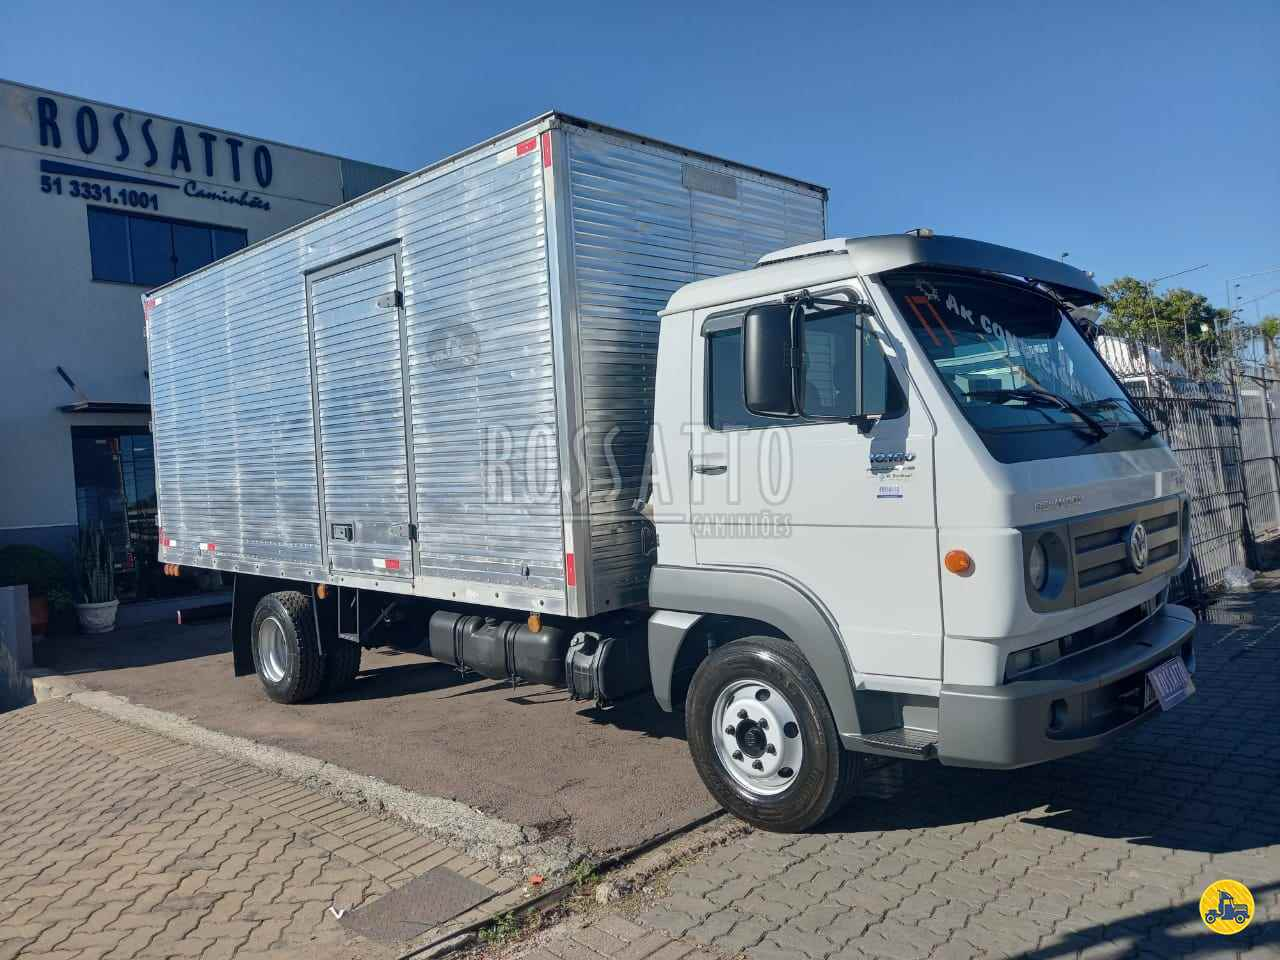 CAMINHAO VOLKSWAGEN VW 10160 Baú Furgão 3/4 4x2 Rossatto Caminhões PORTO ALEGRE RIO GRANDE DO SUL RS